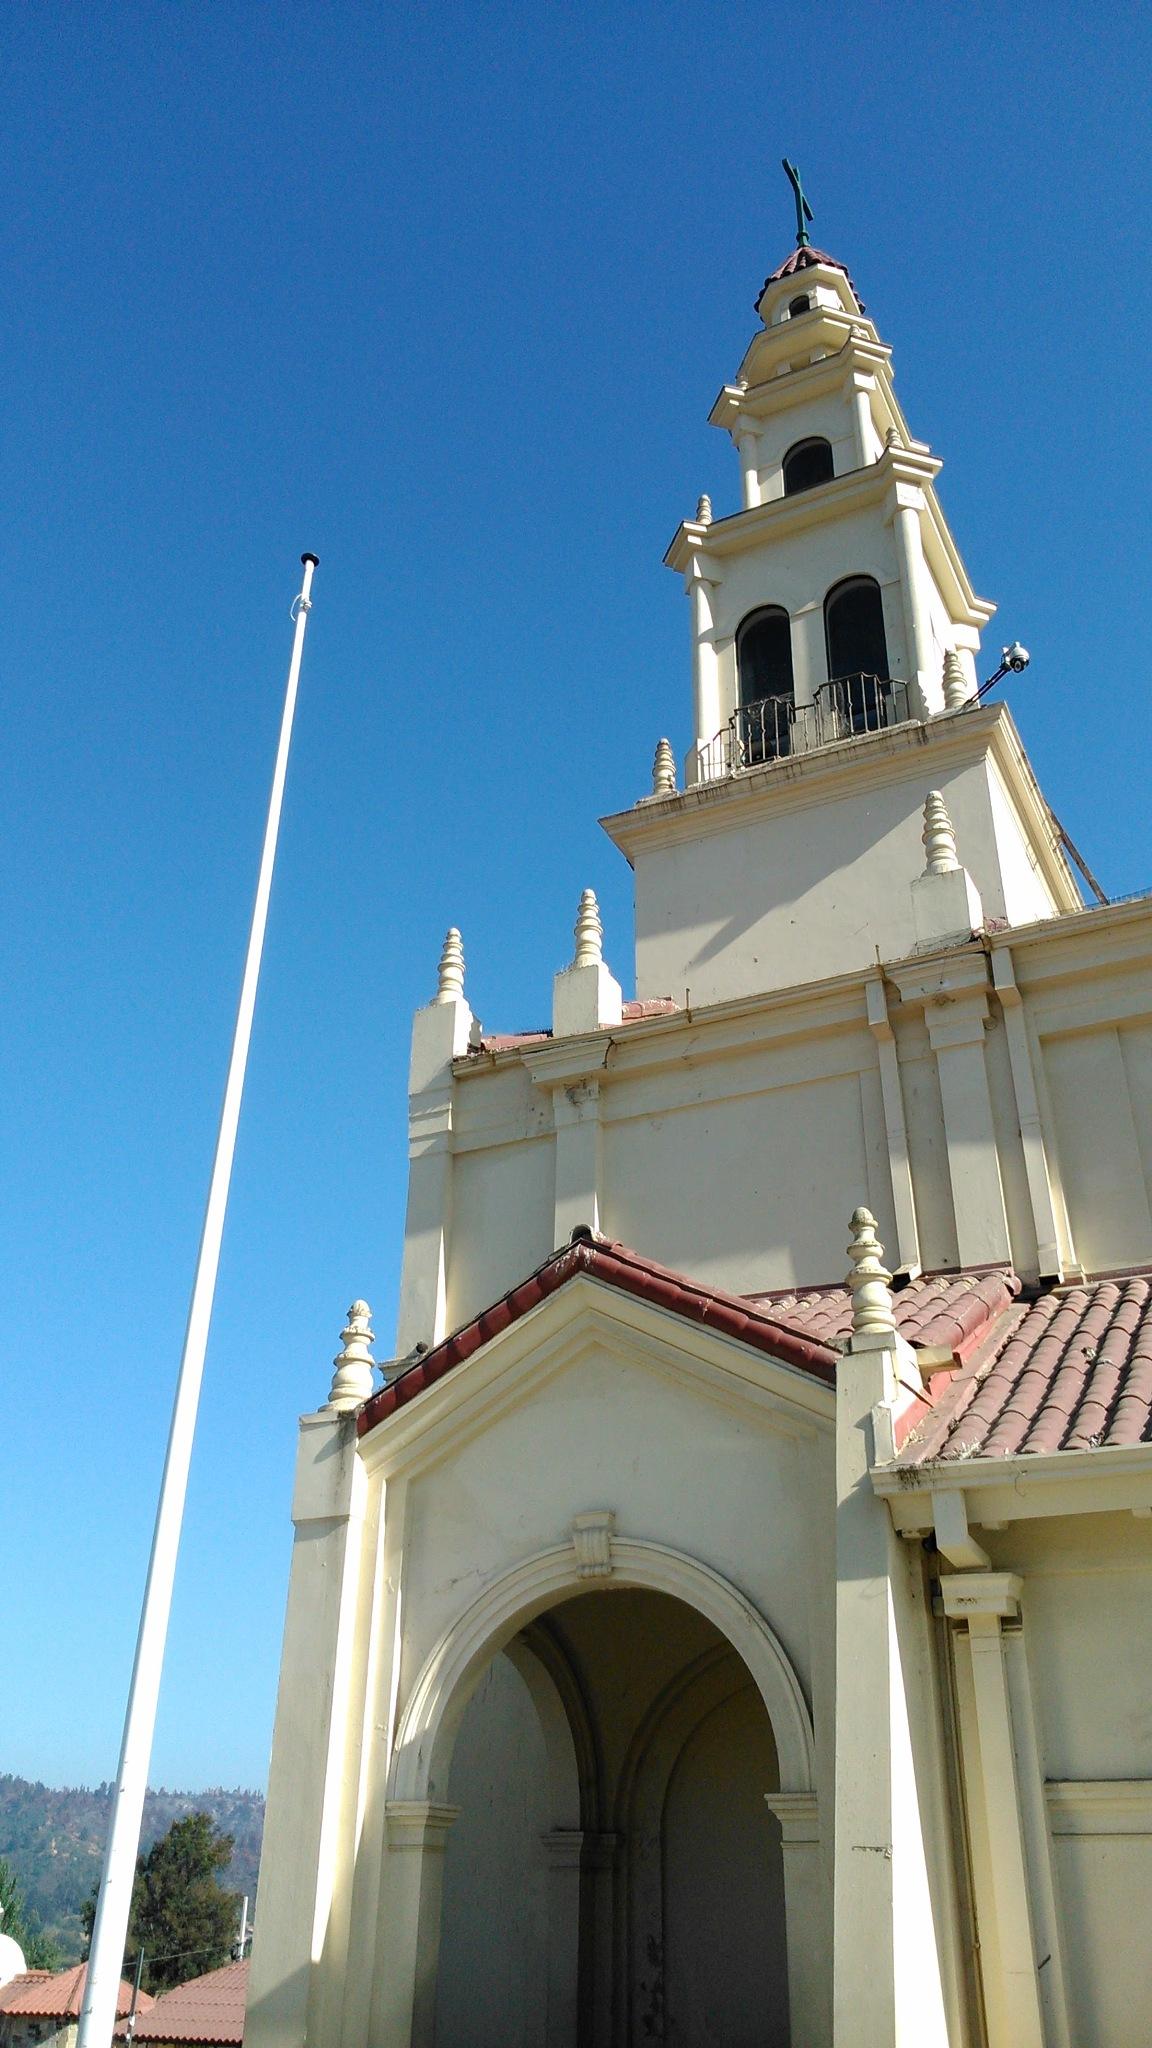 (0575) Santuario de Lo Vásquez, V Región de Valparaíso, Chile  by Patricio Cabezas